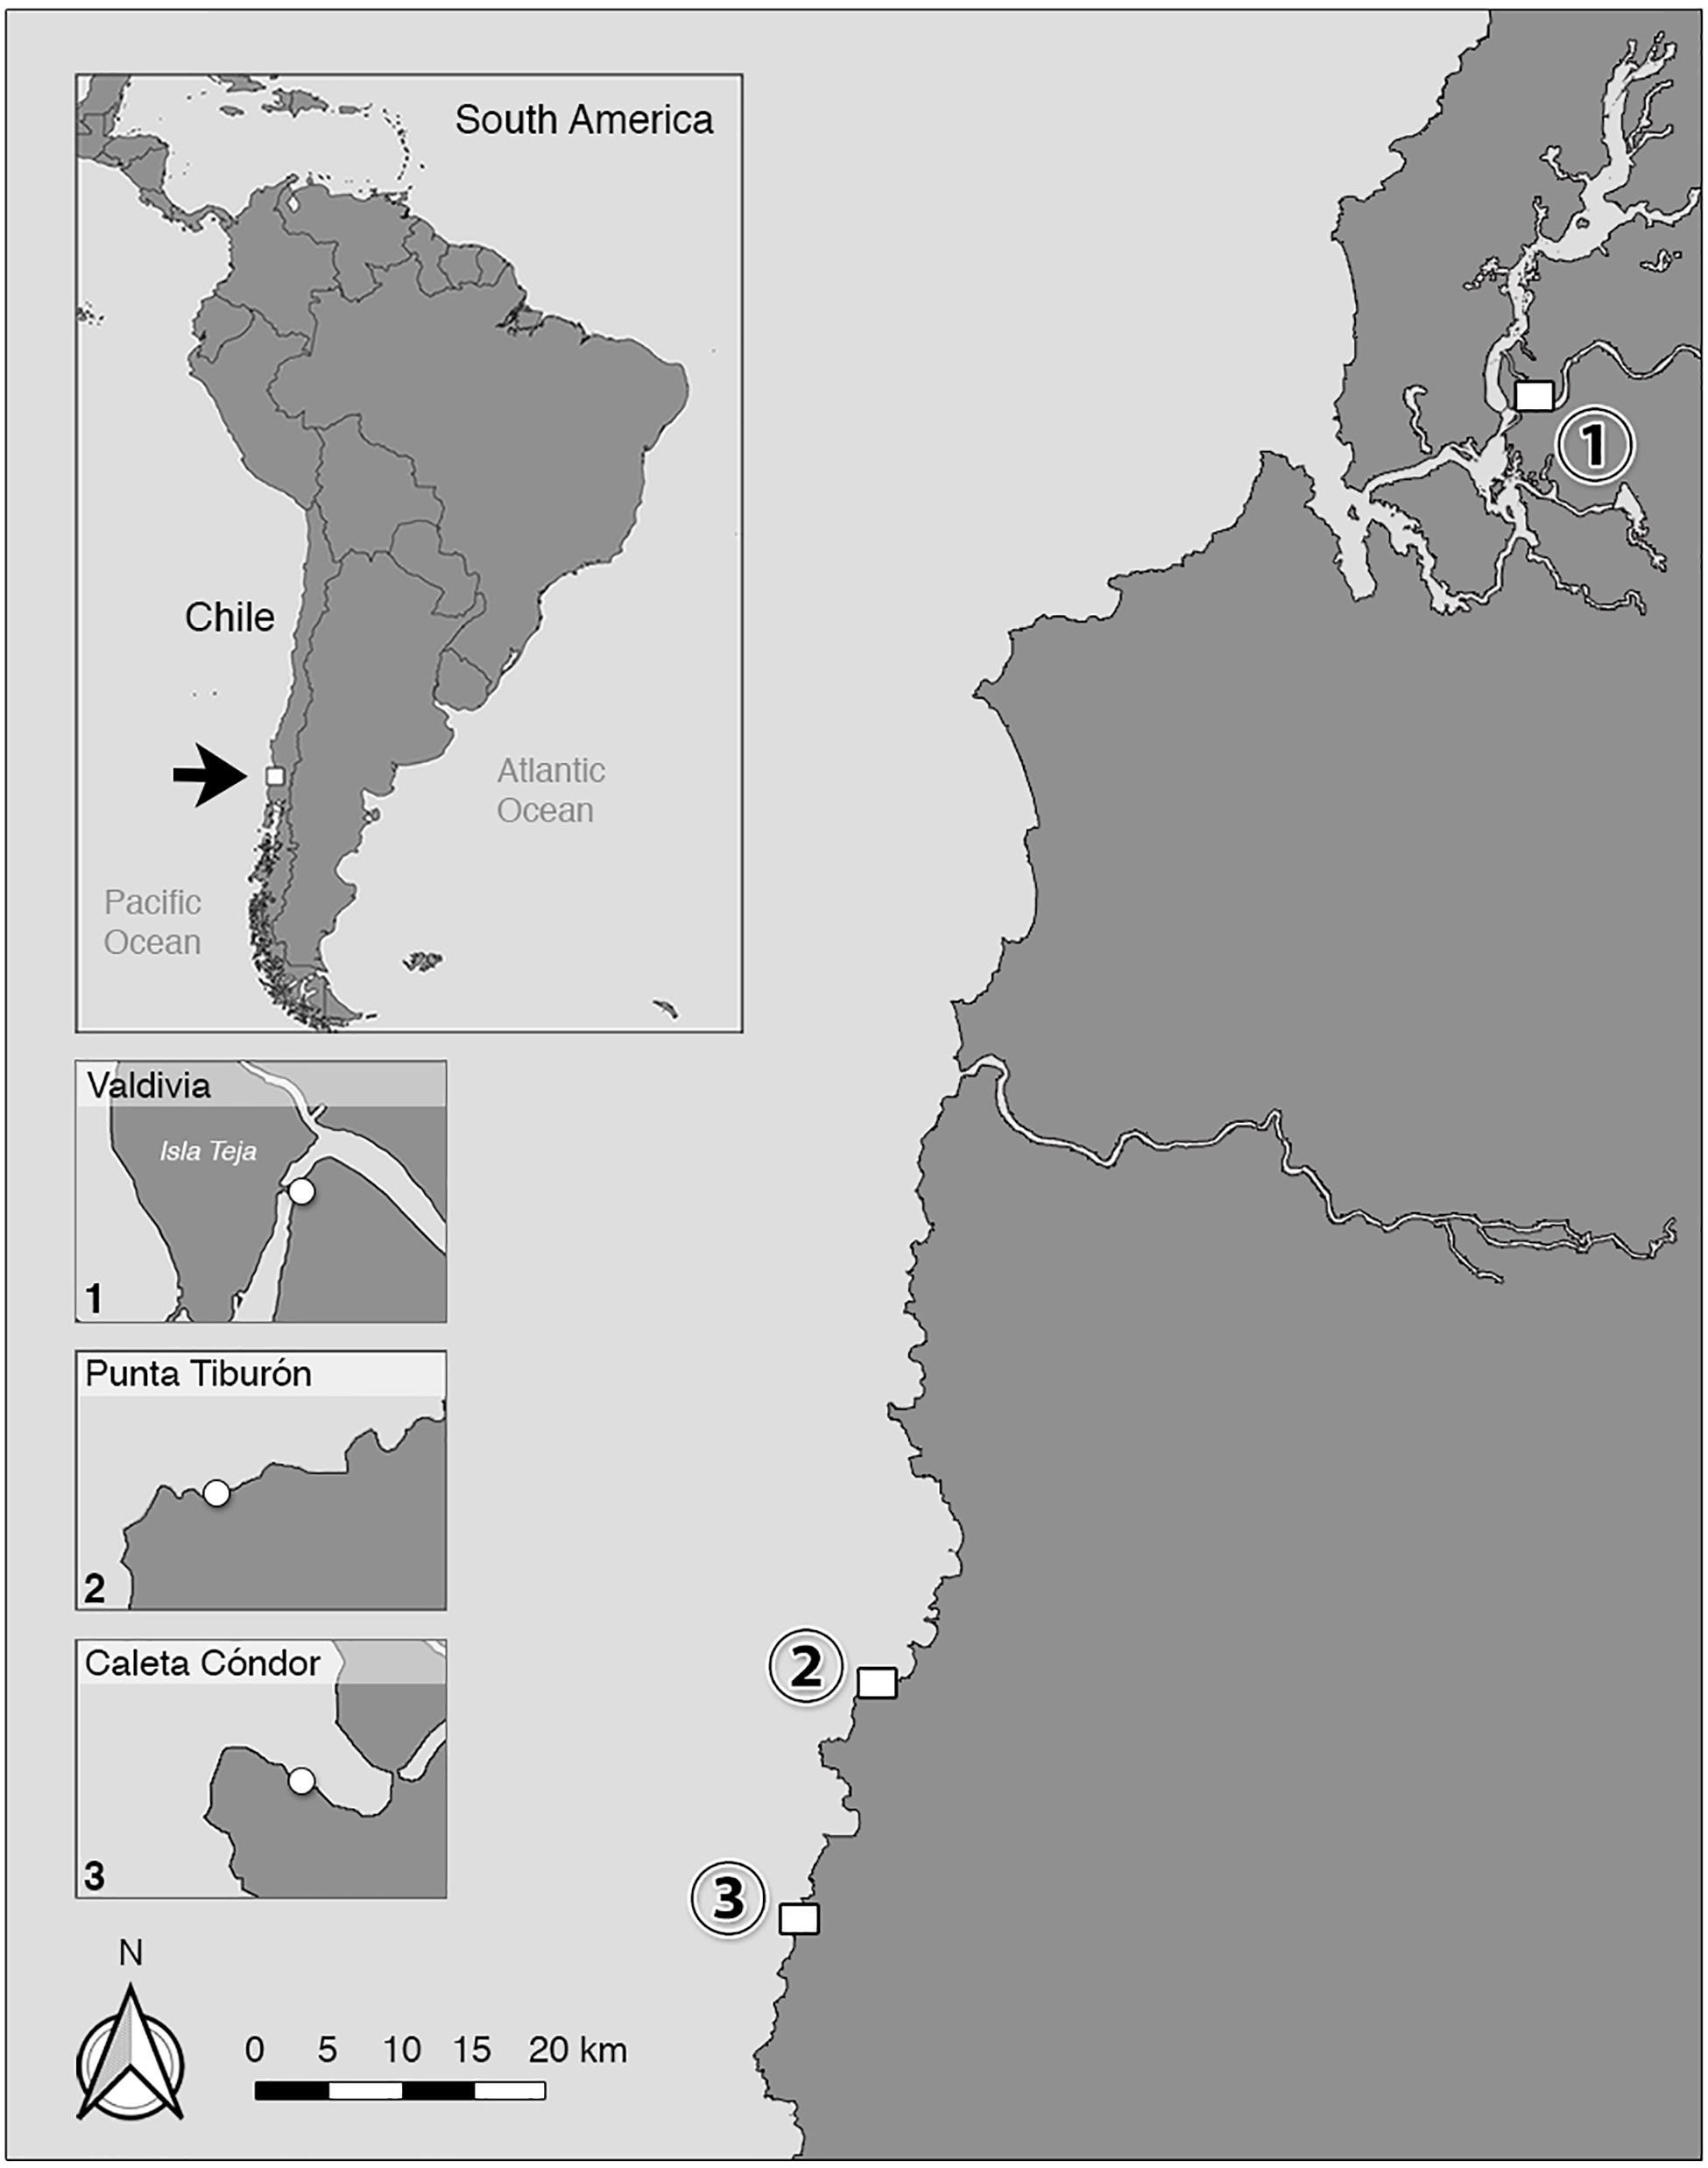 trichinella anthropozoonosis